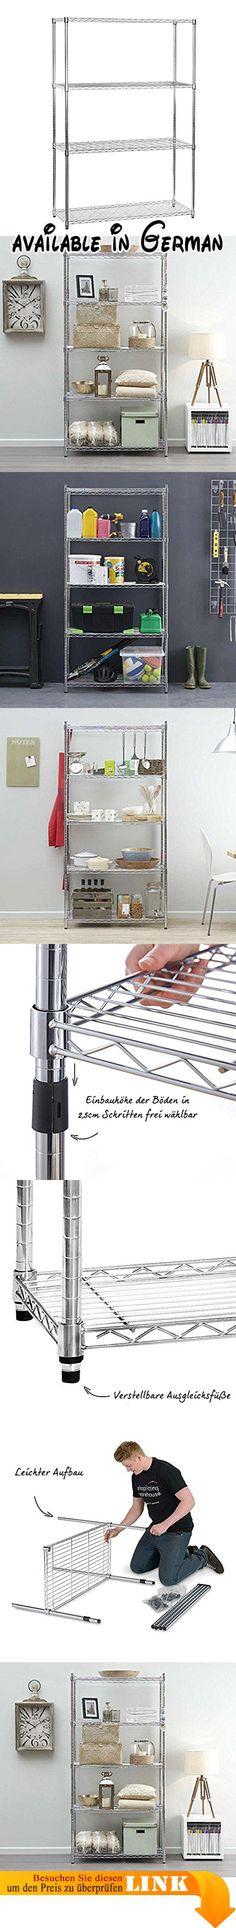 B078X9R9Y9 : Küchenwagen Küche Regal Mikrowelle Ofen Rack Ofen ...